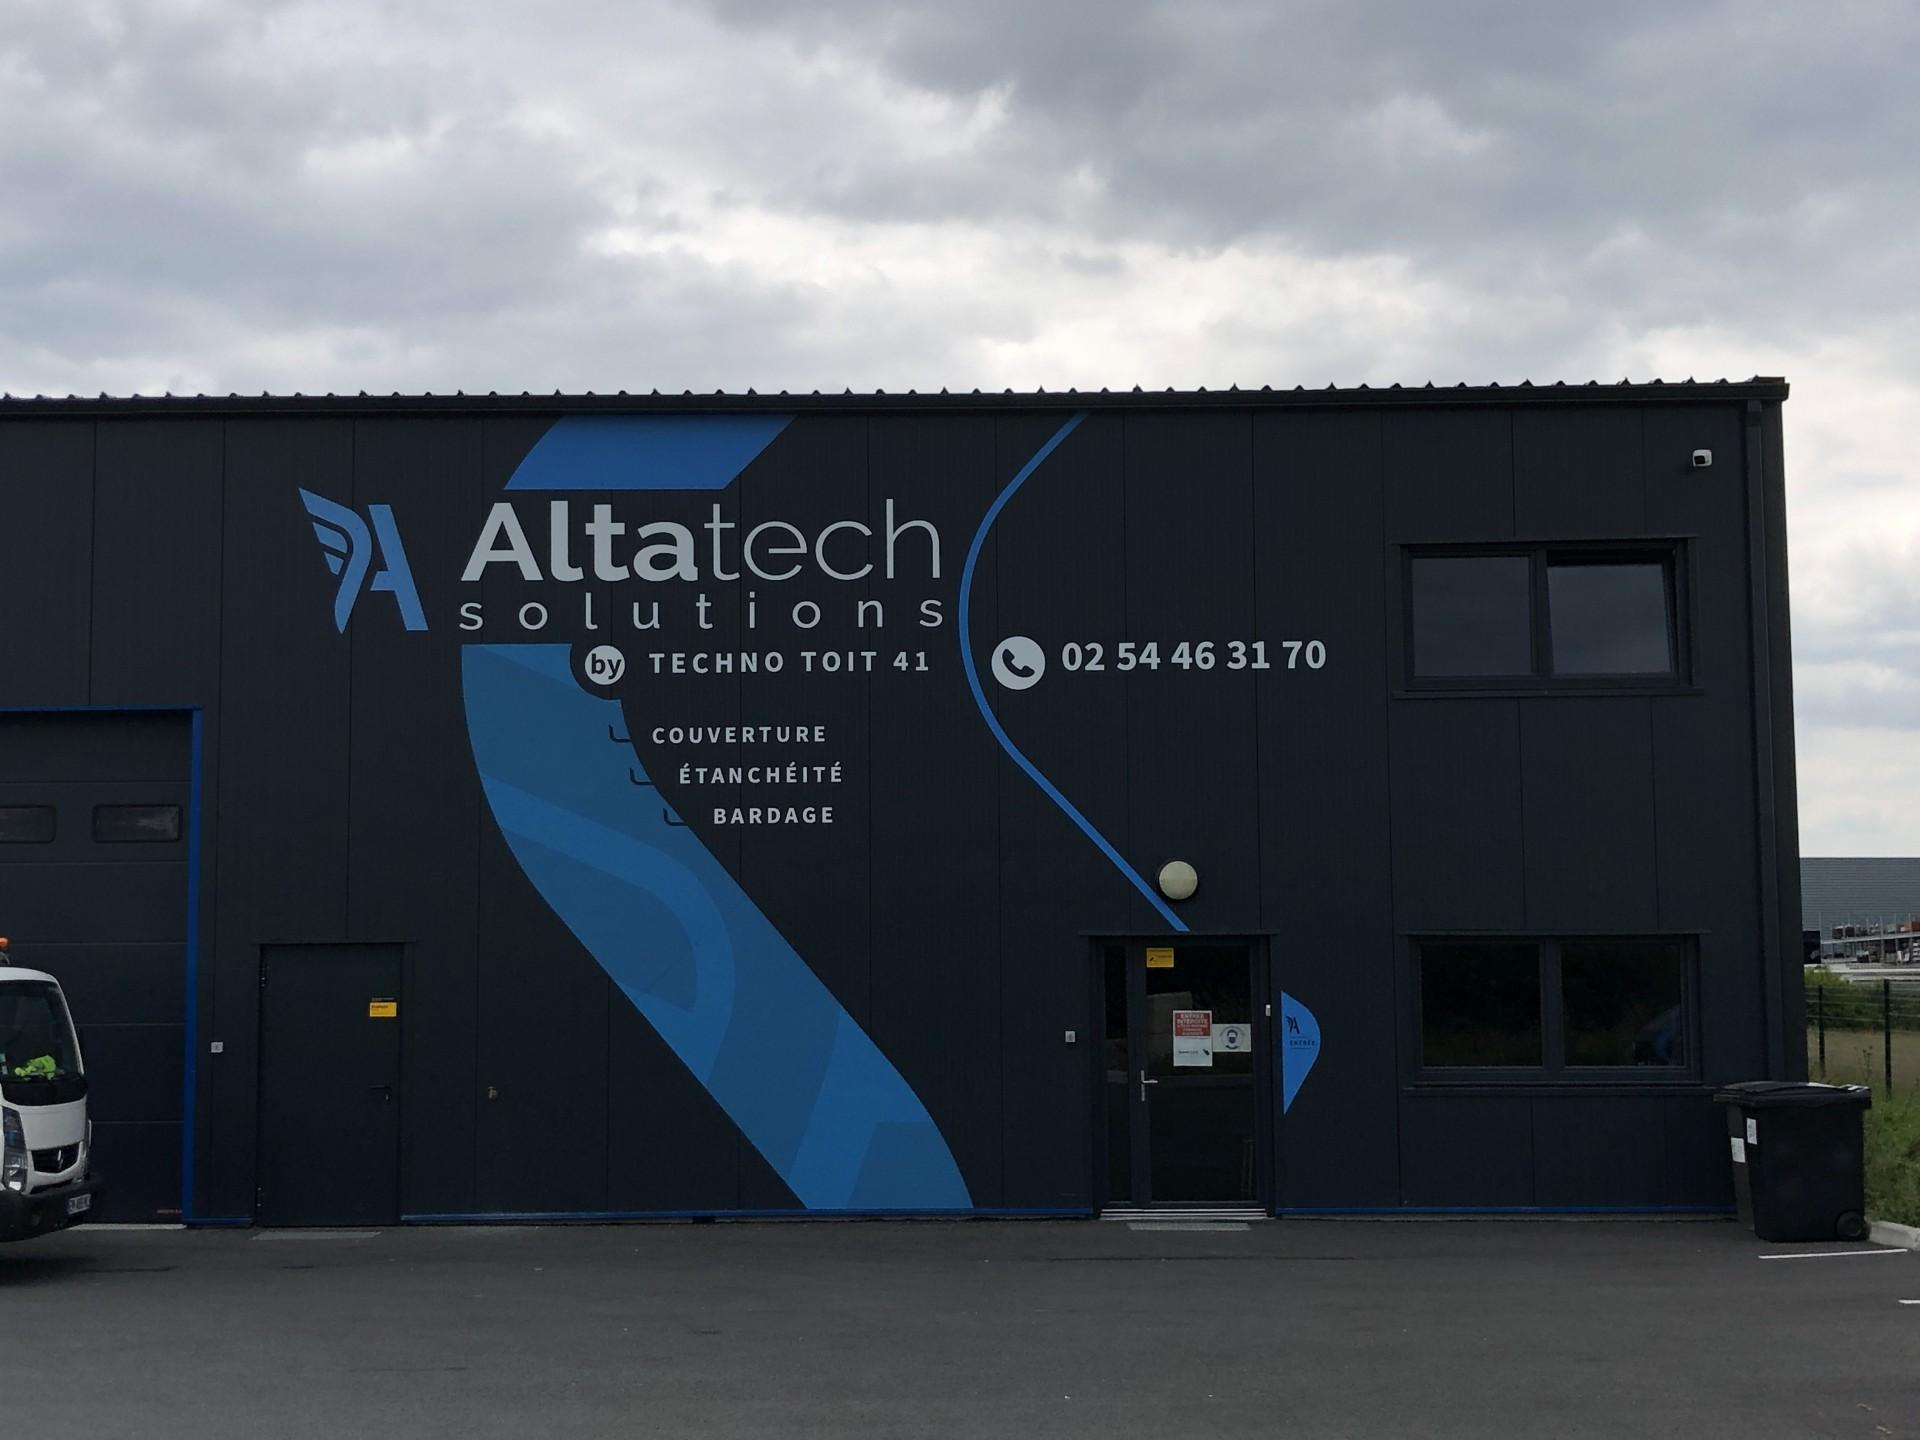 Altatech Cour Cheverny